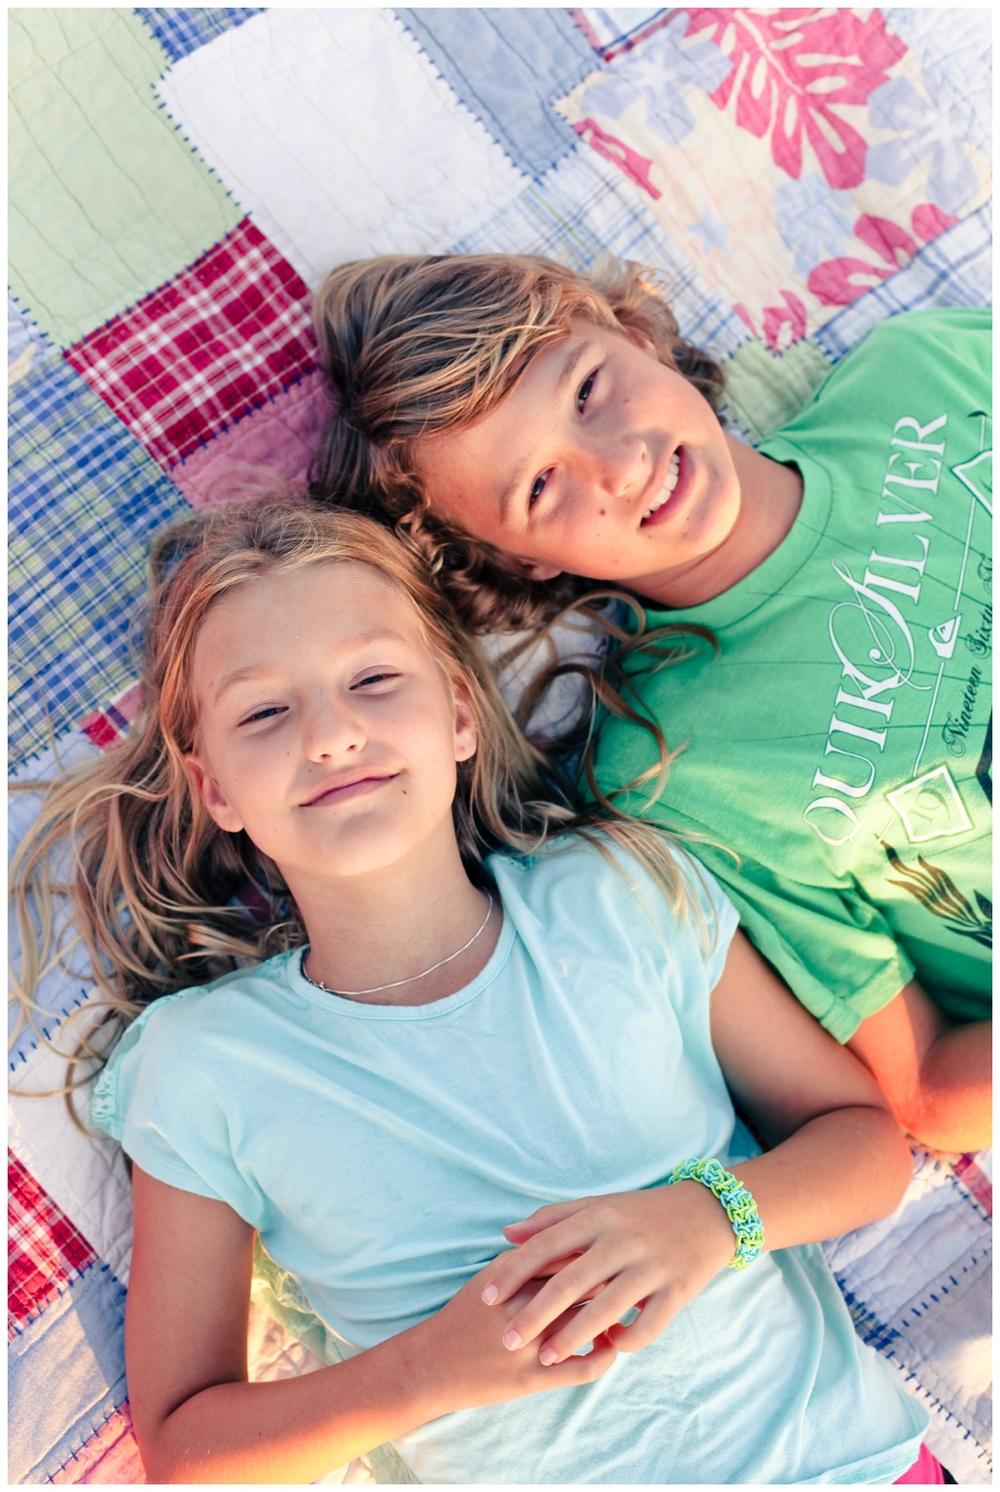 sandiegochildrenphotography_284.jpg